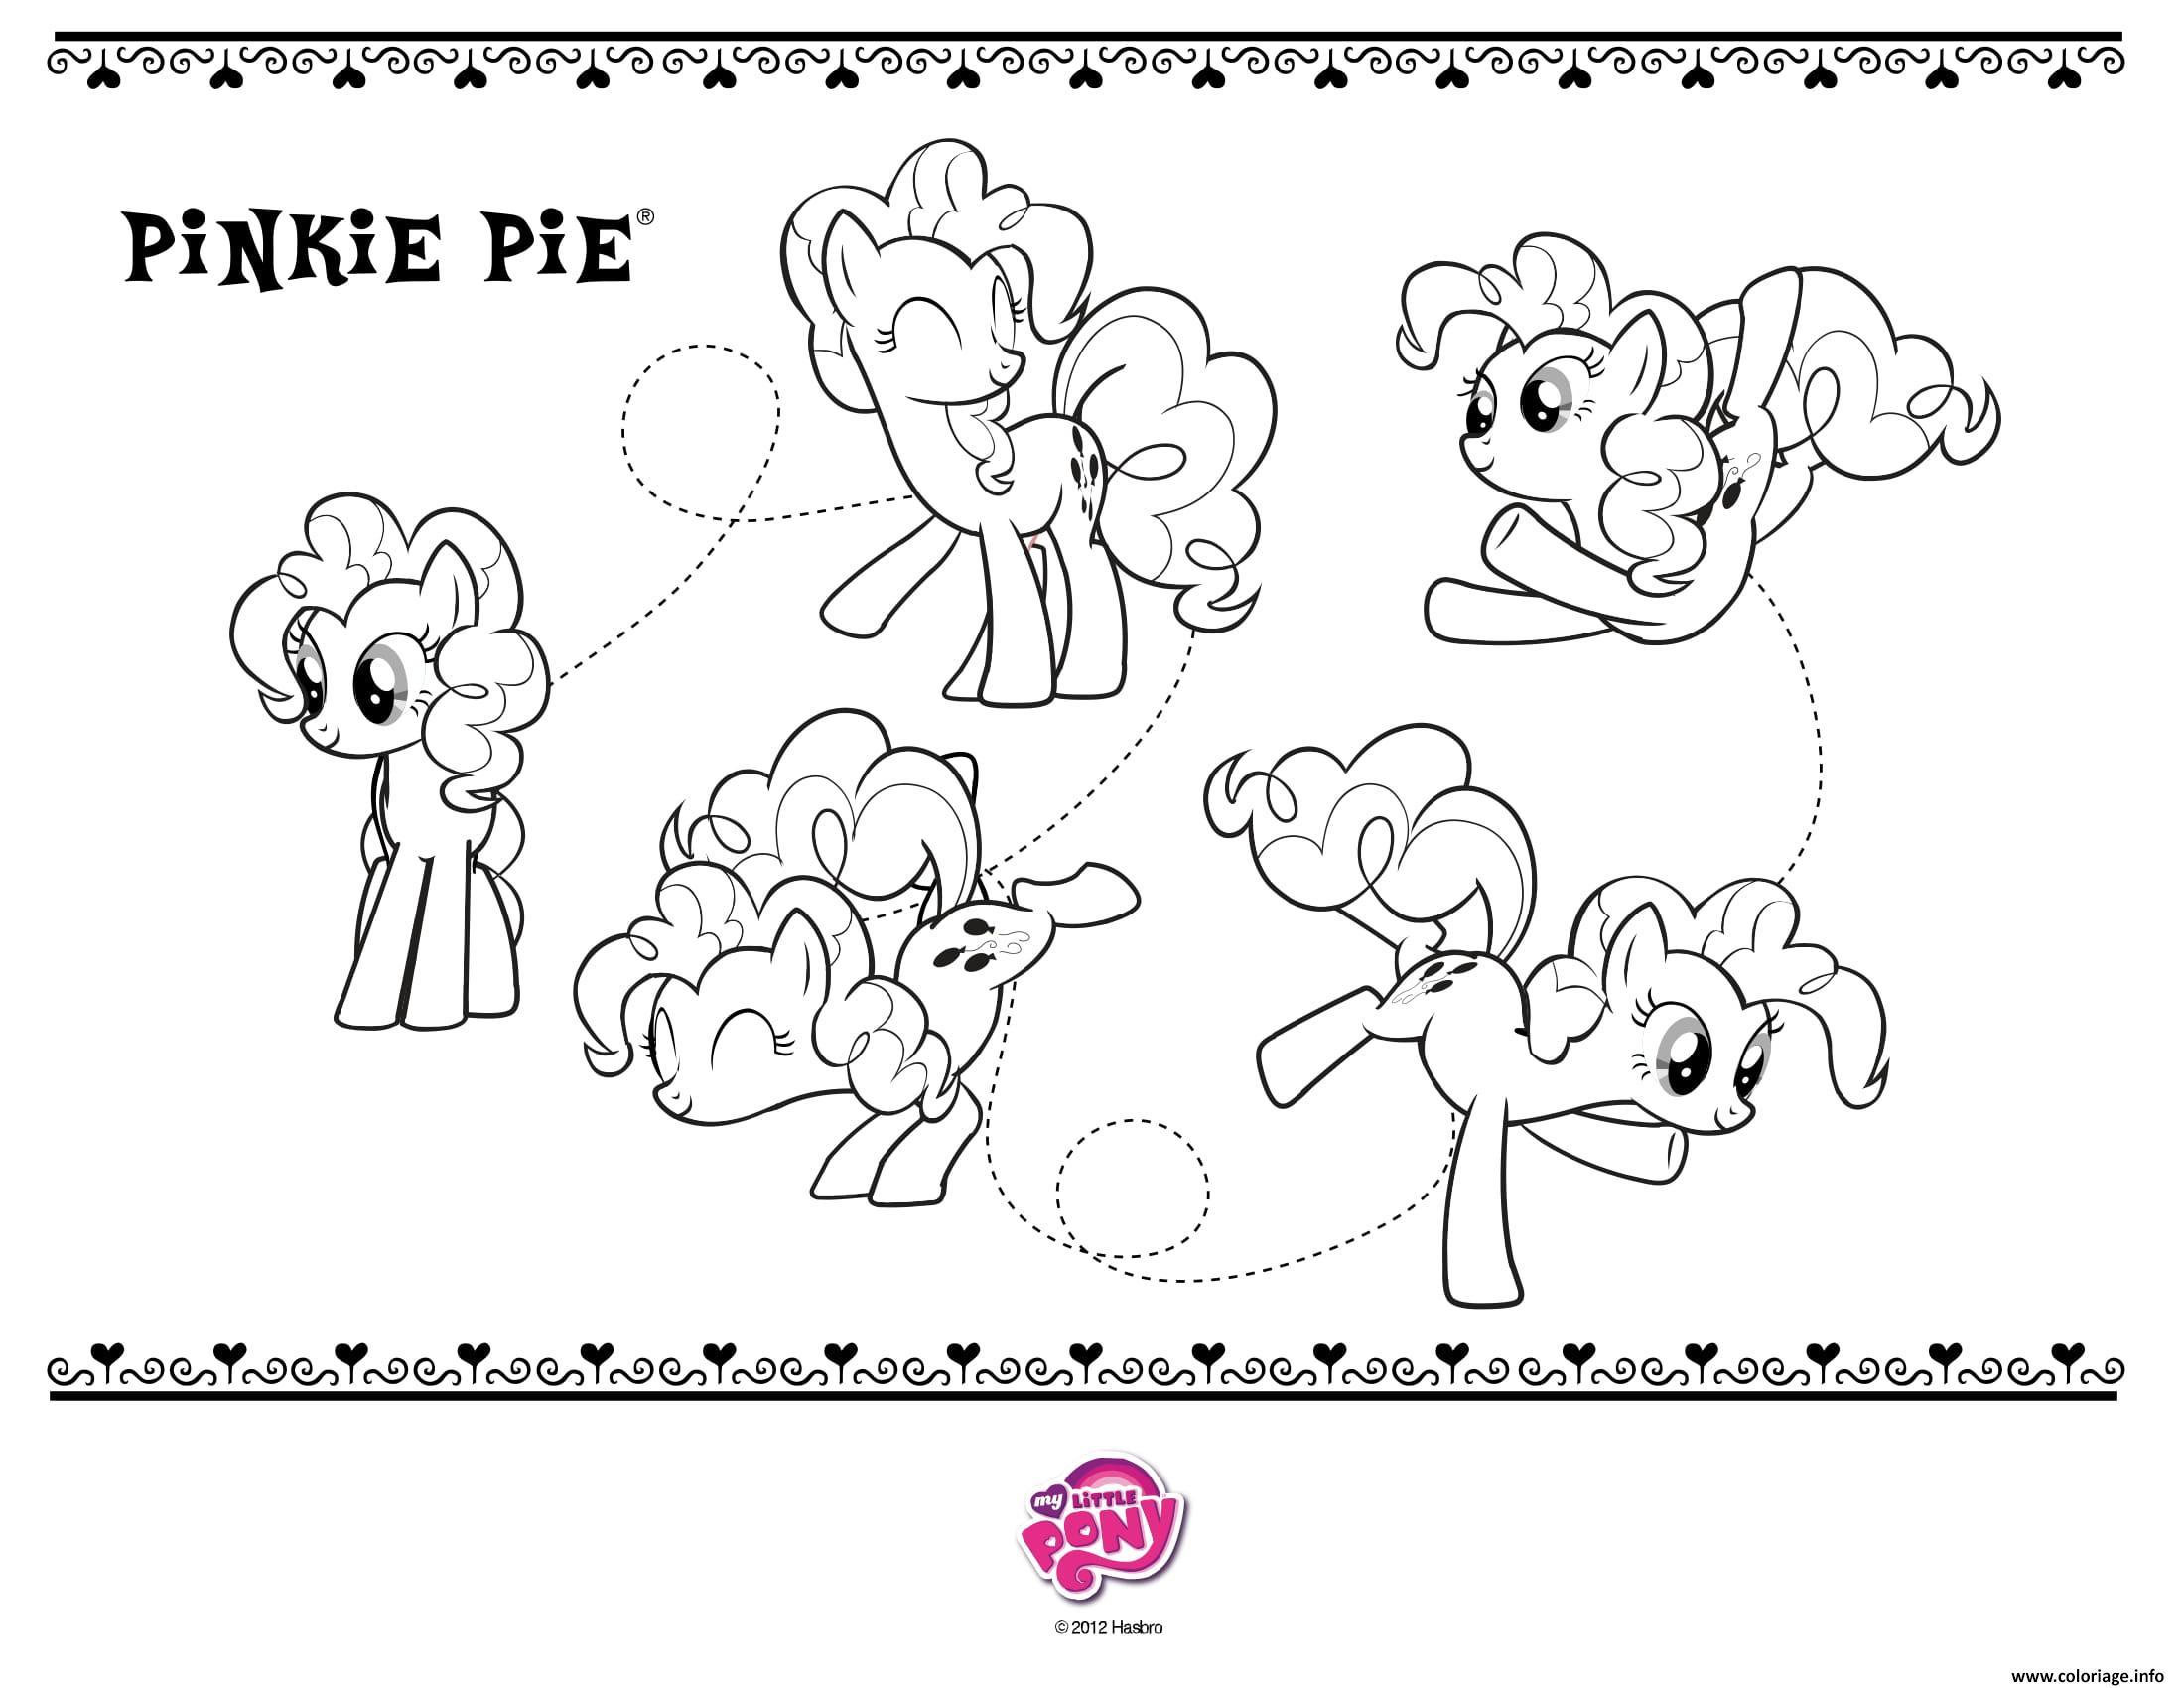 Dessin pinkie pie my little pony Coloriage Gratuit à Imprimer